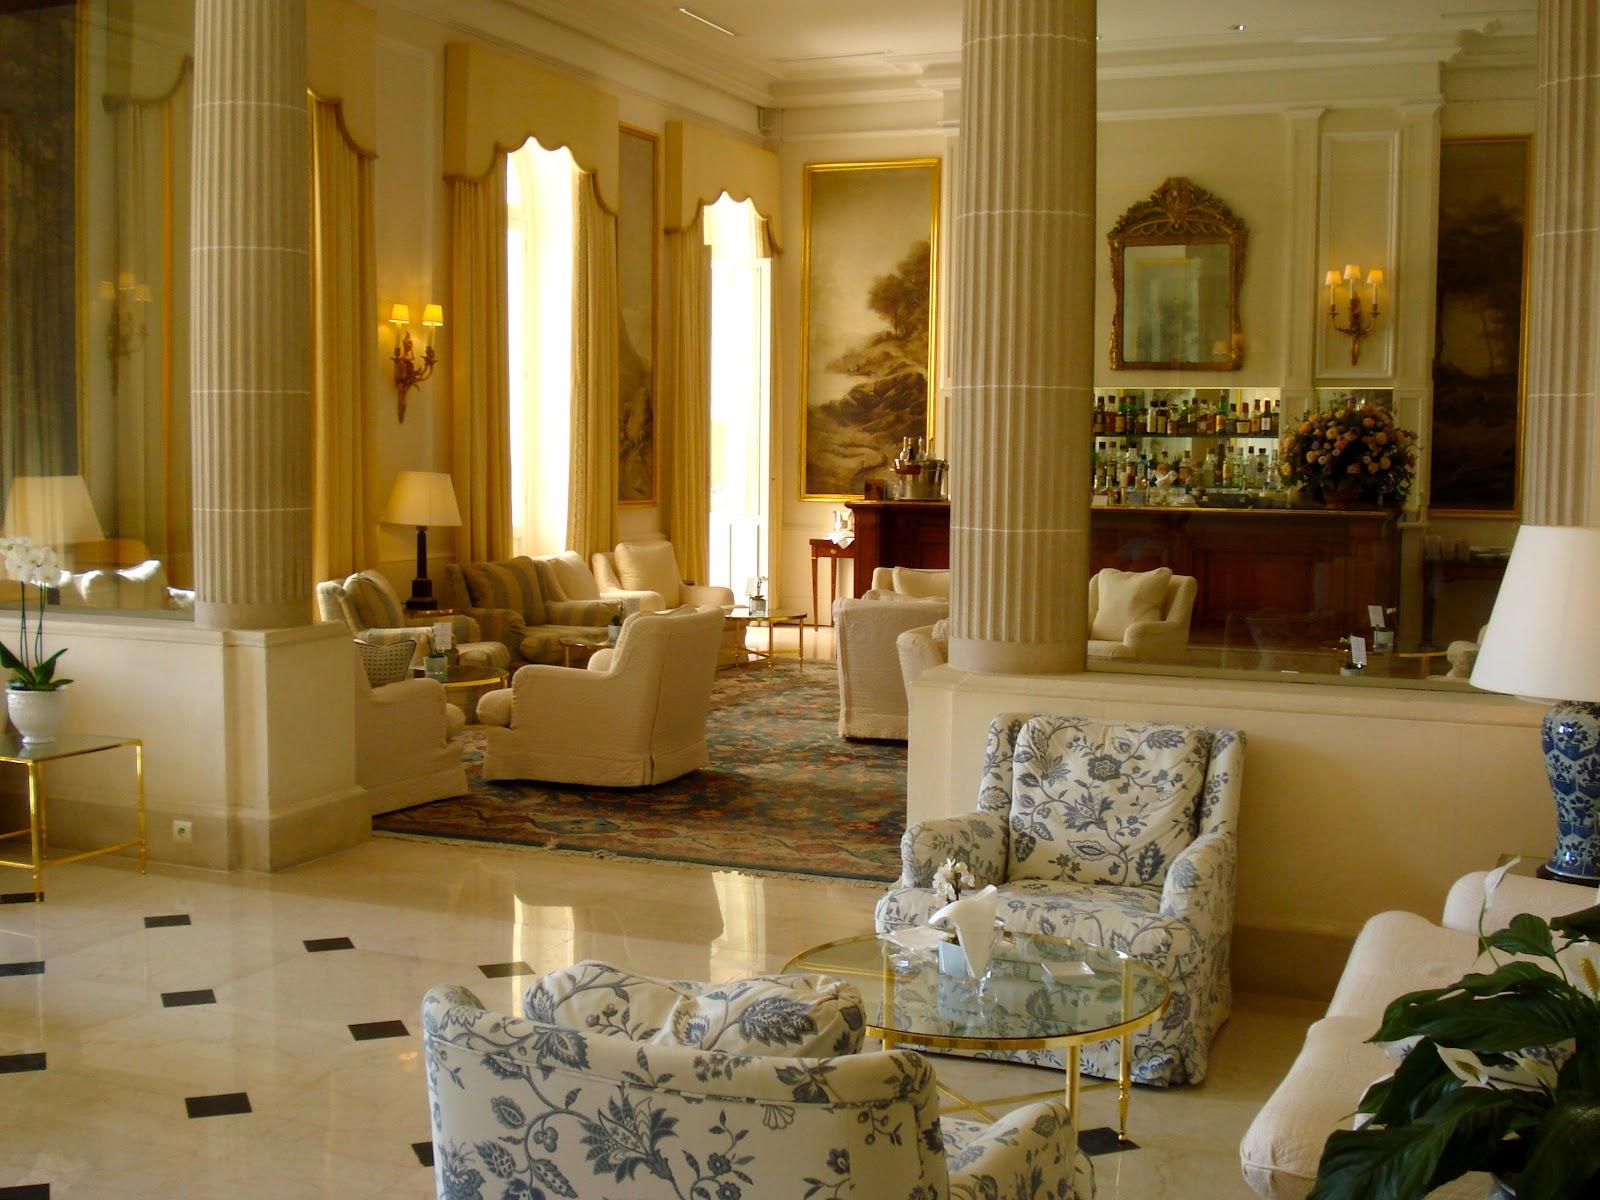 Hotel_du_Cap_Eden_Roc-bebet.net-17